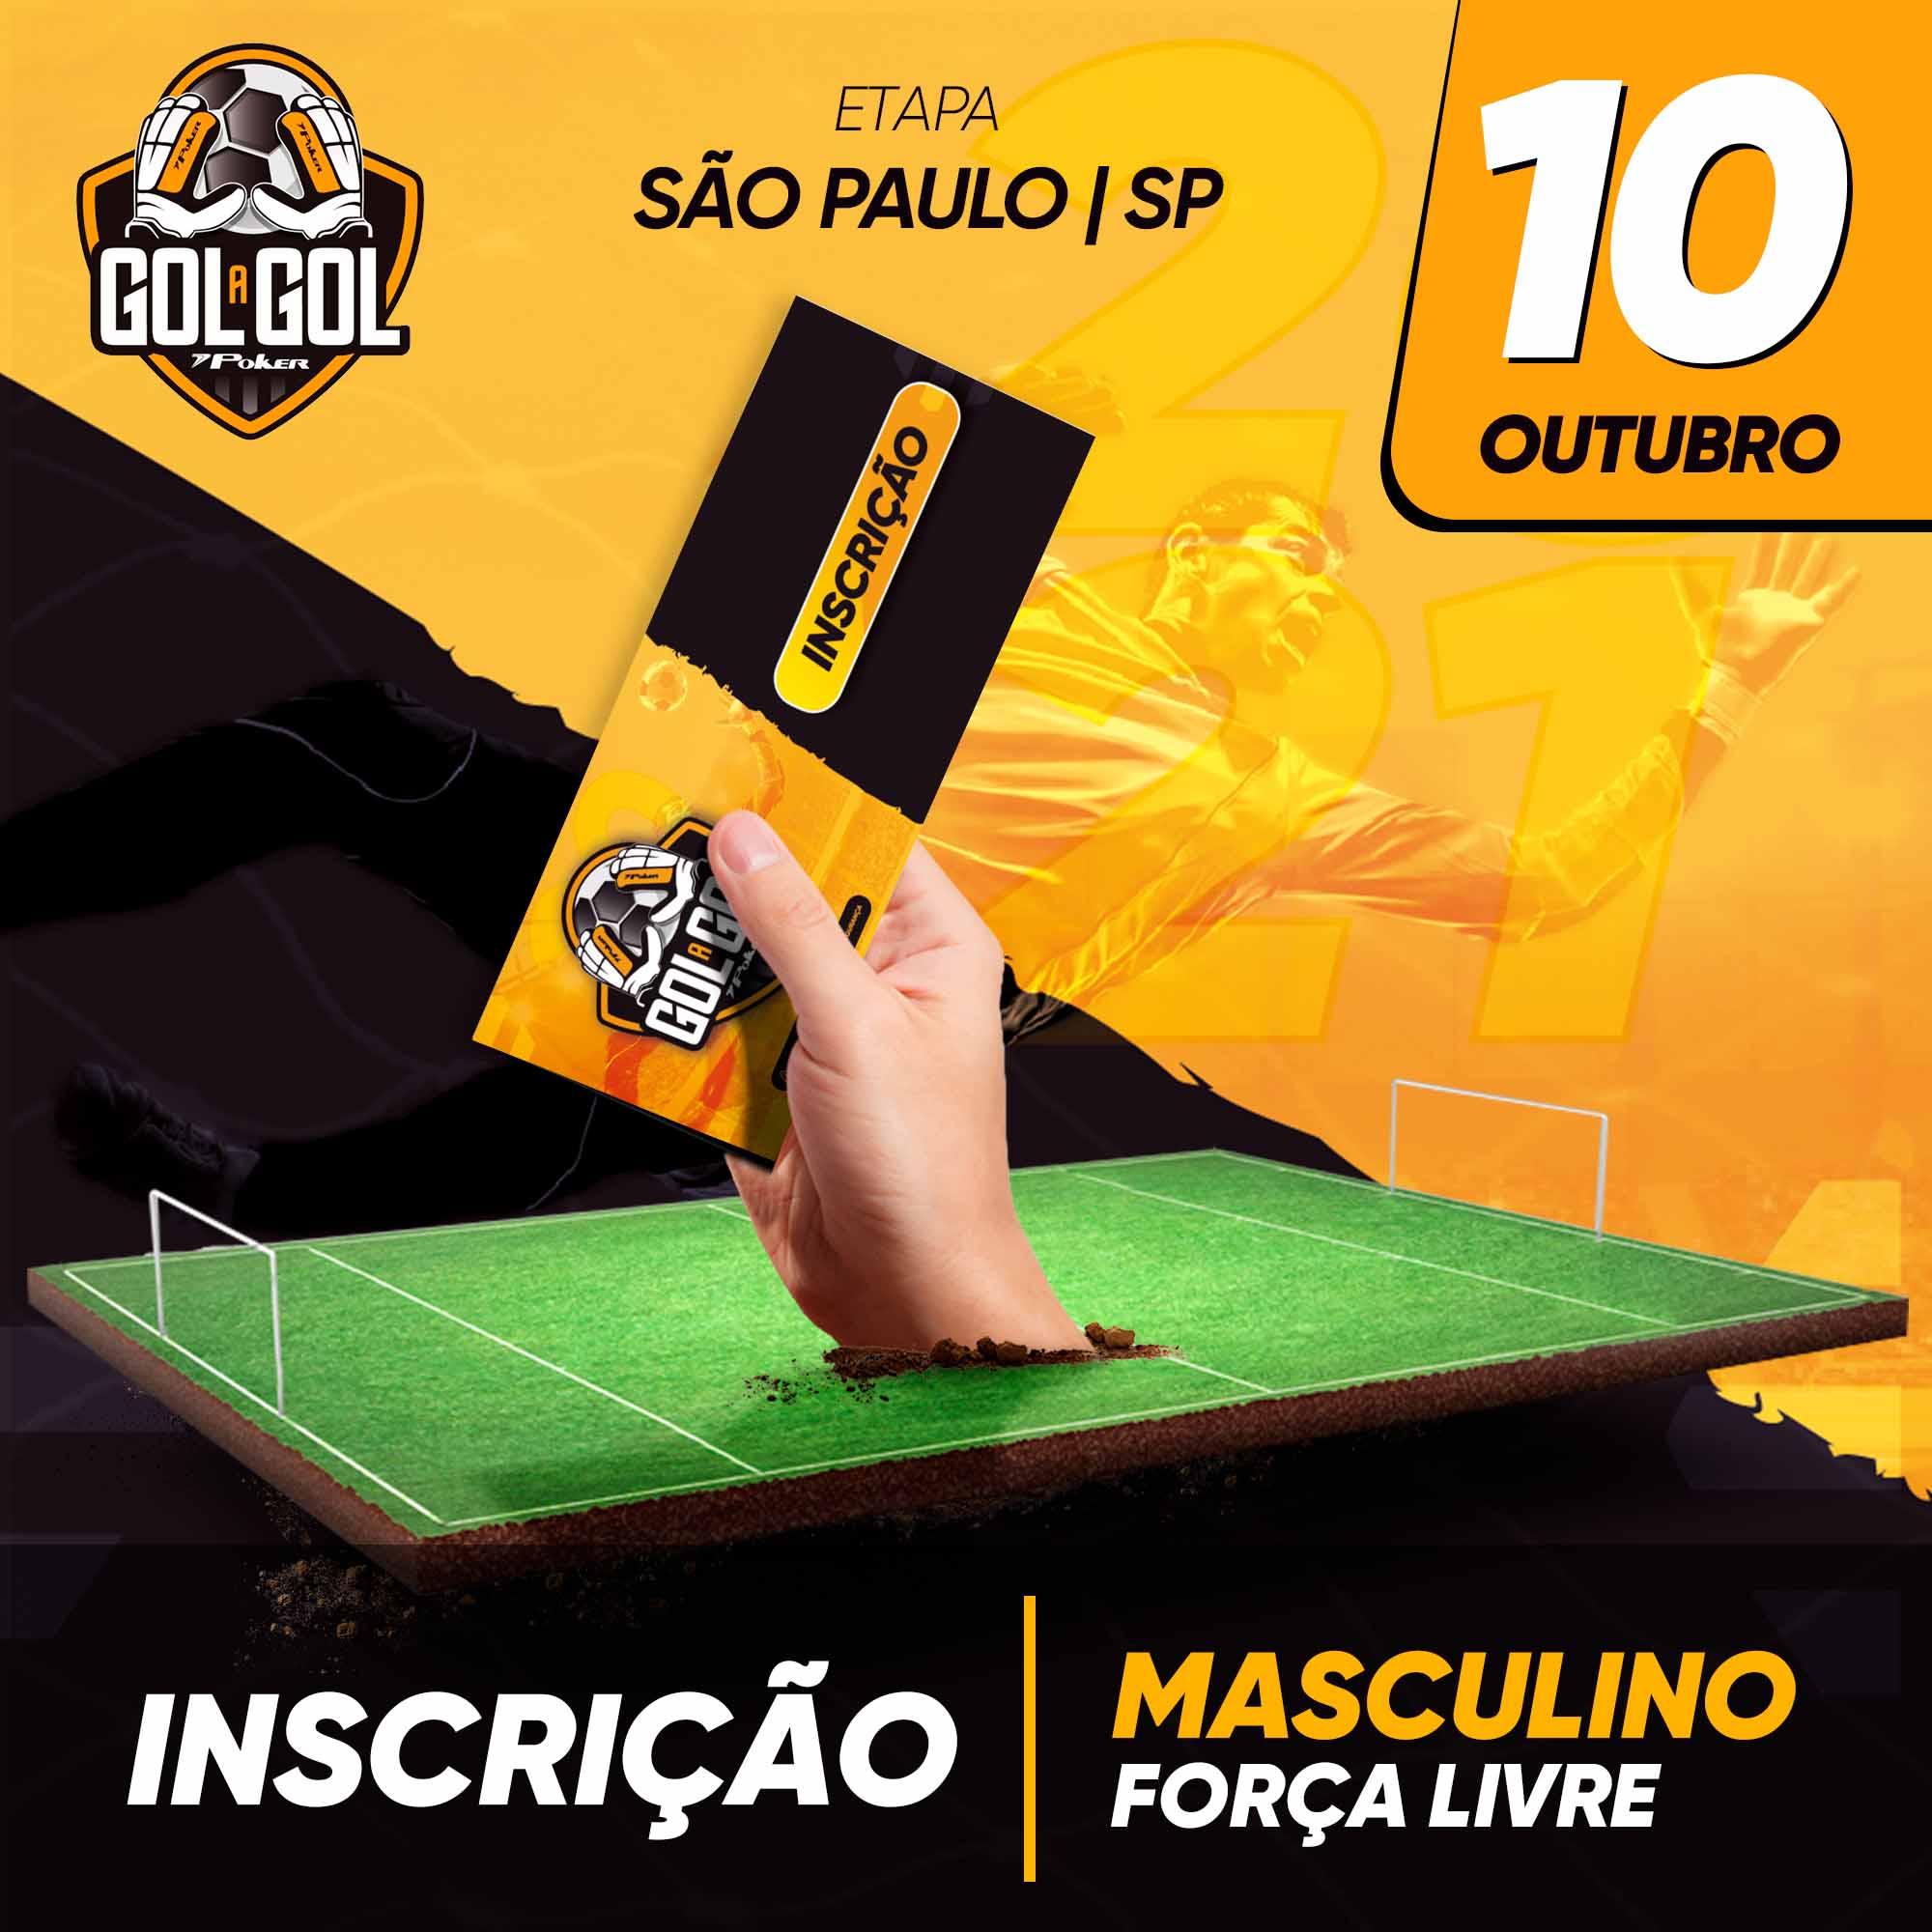 Inscrição (sem luvas) Gol a Gol São Paulo/SP  10/10/2021